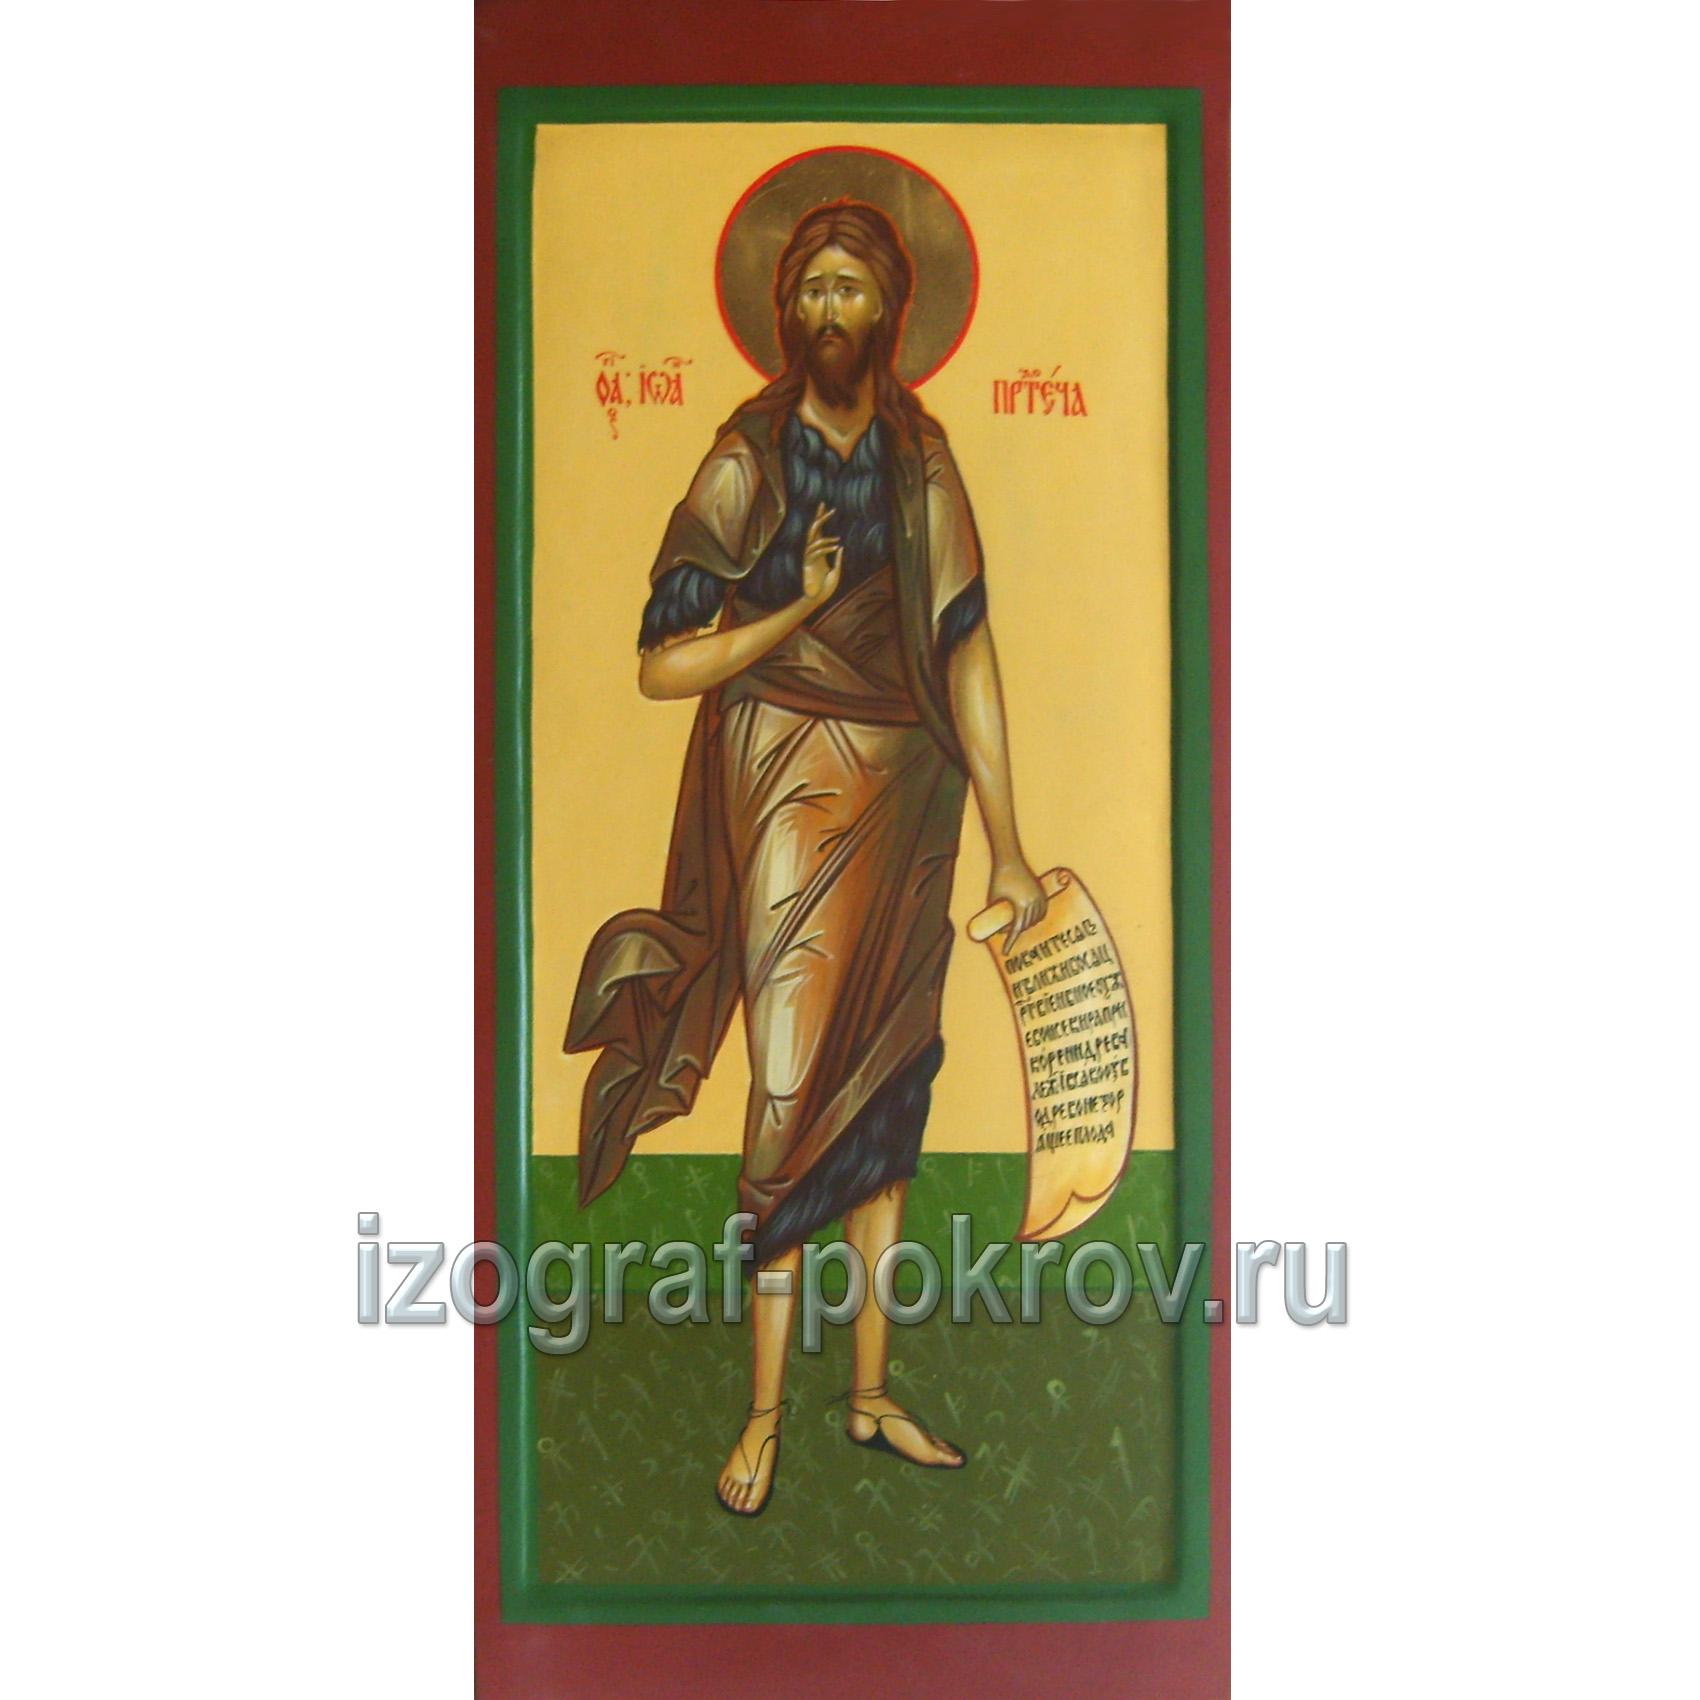 Мерная икона Иоанн Предтеча Креститель Господний